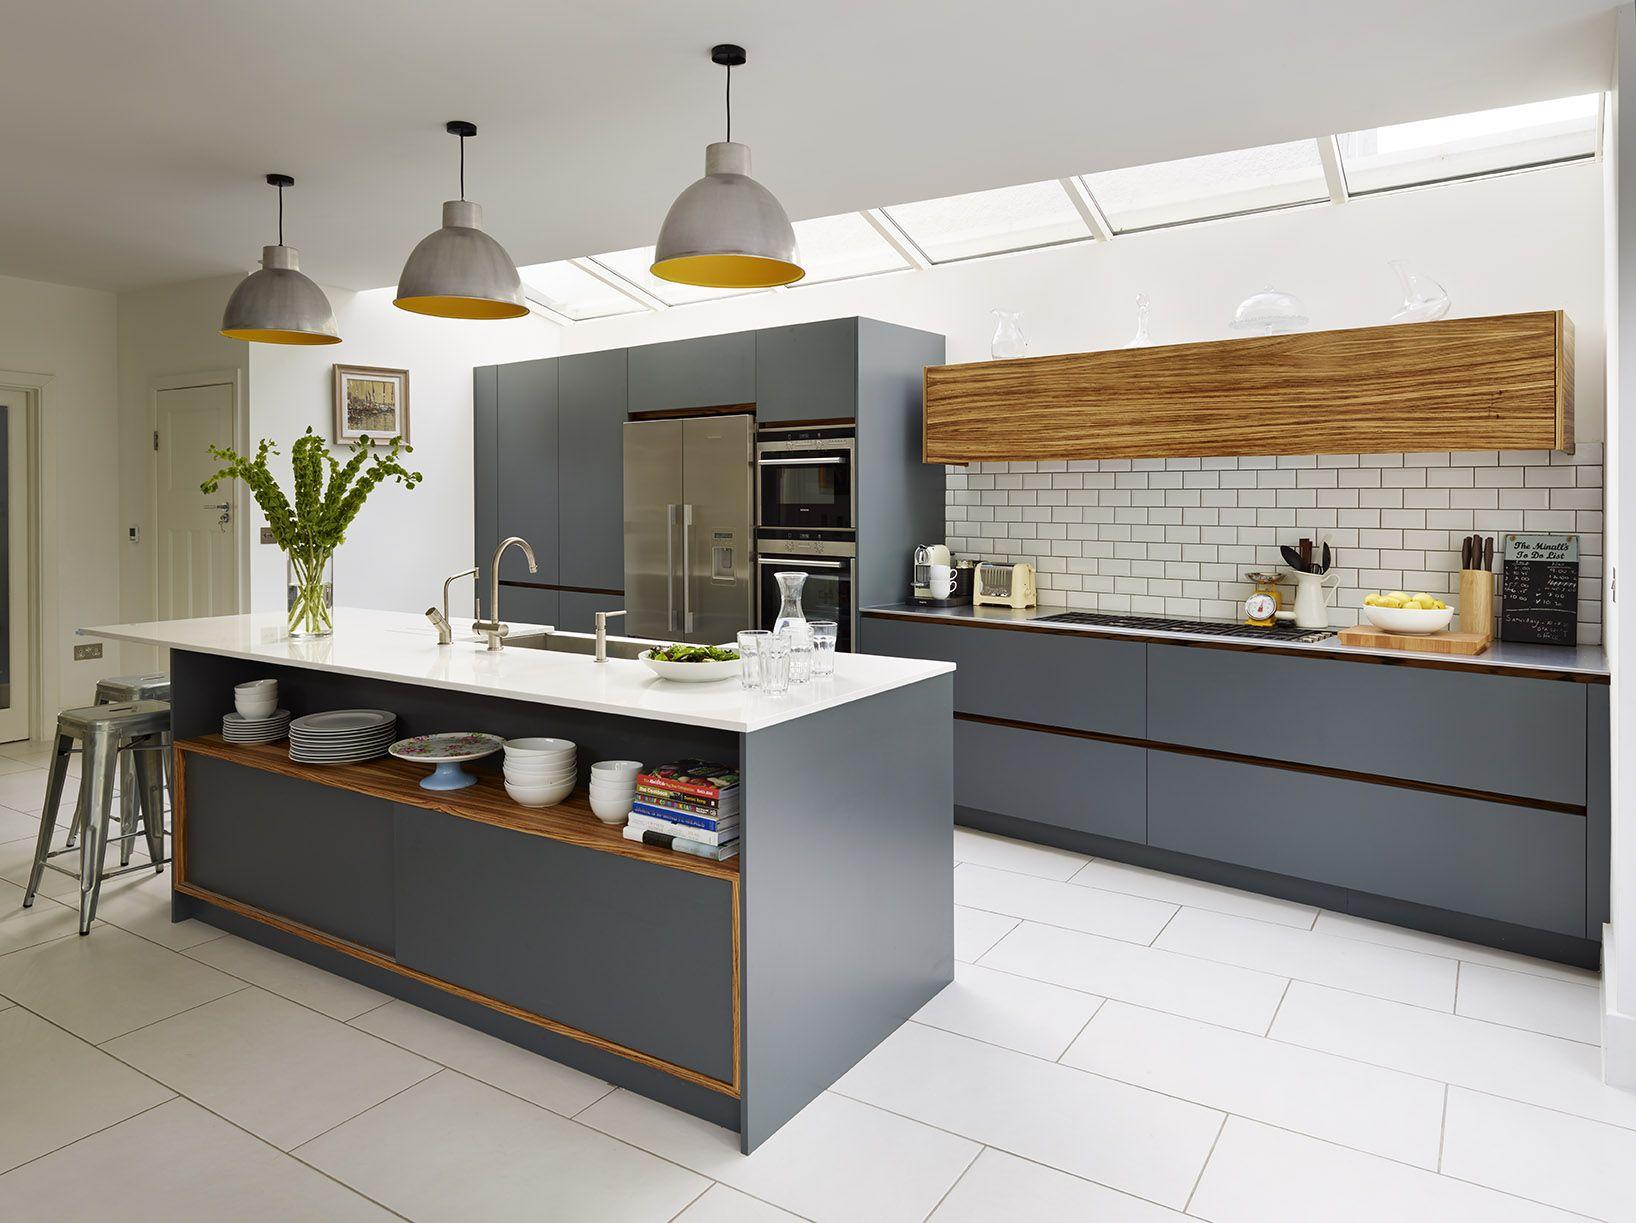 Roundhouse Urbo bespoke kitchen Grey kitchen designs